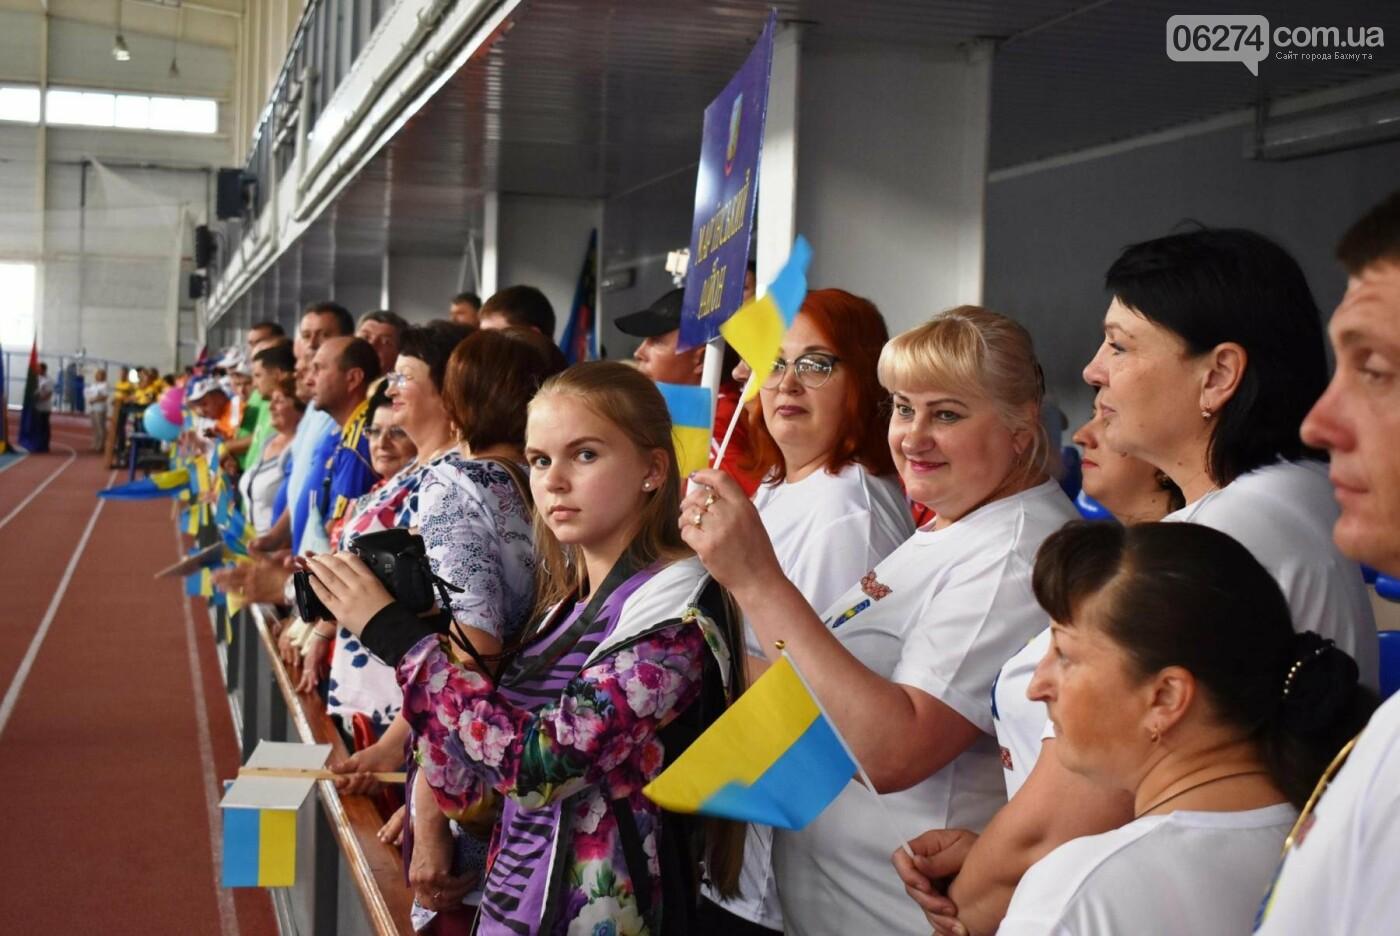 Бахмут четвертый раз принял всеукраинскую спартакиаду «Сила духа», фото-5